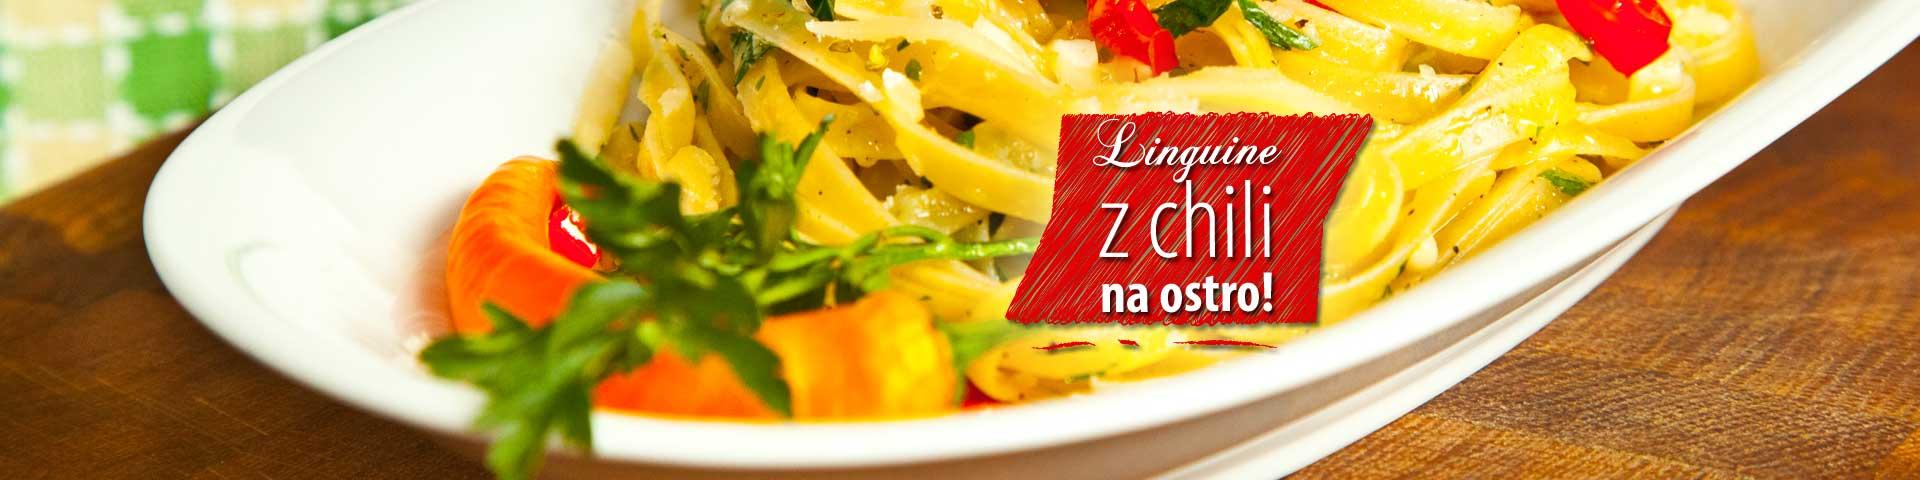 Linguine z chili na ostro